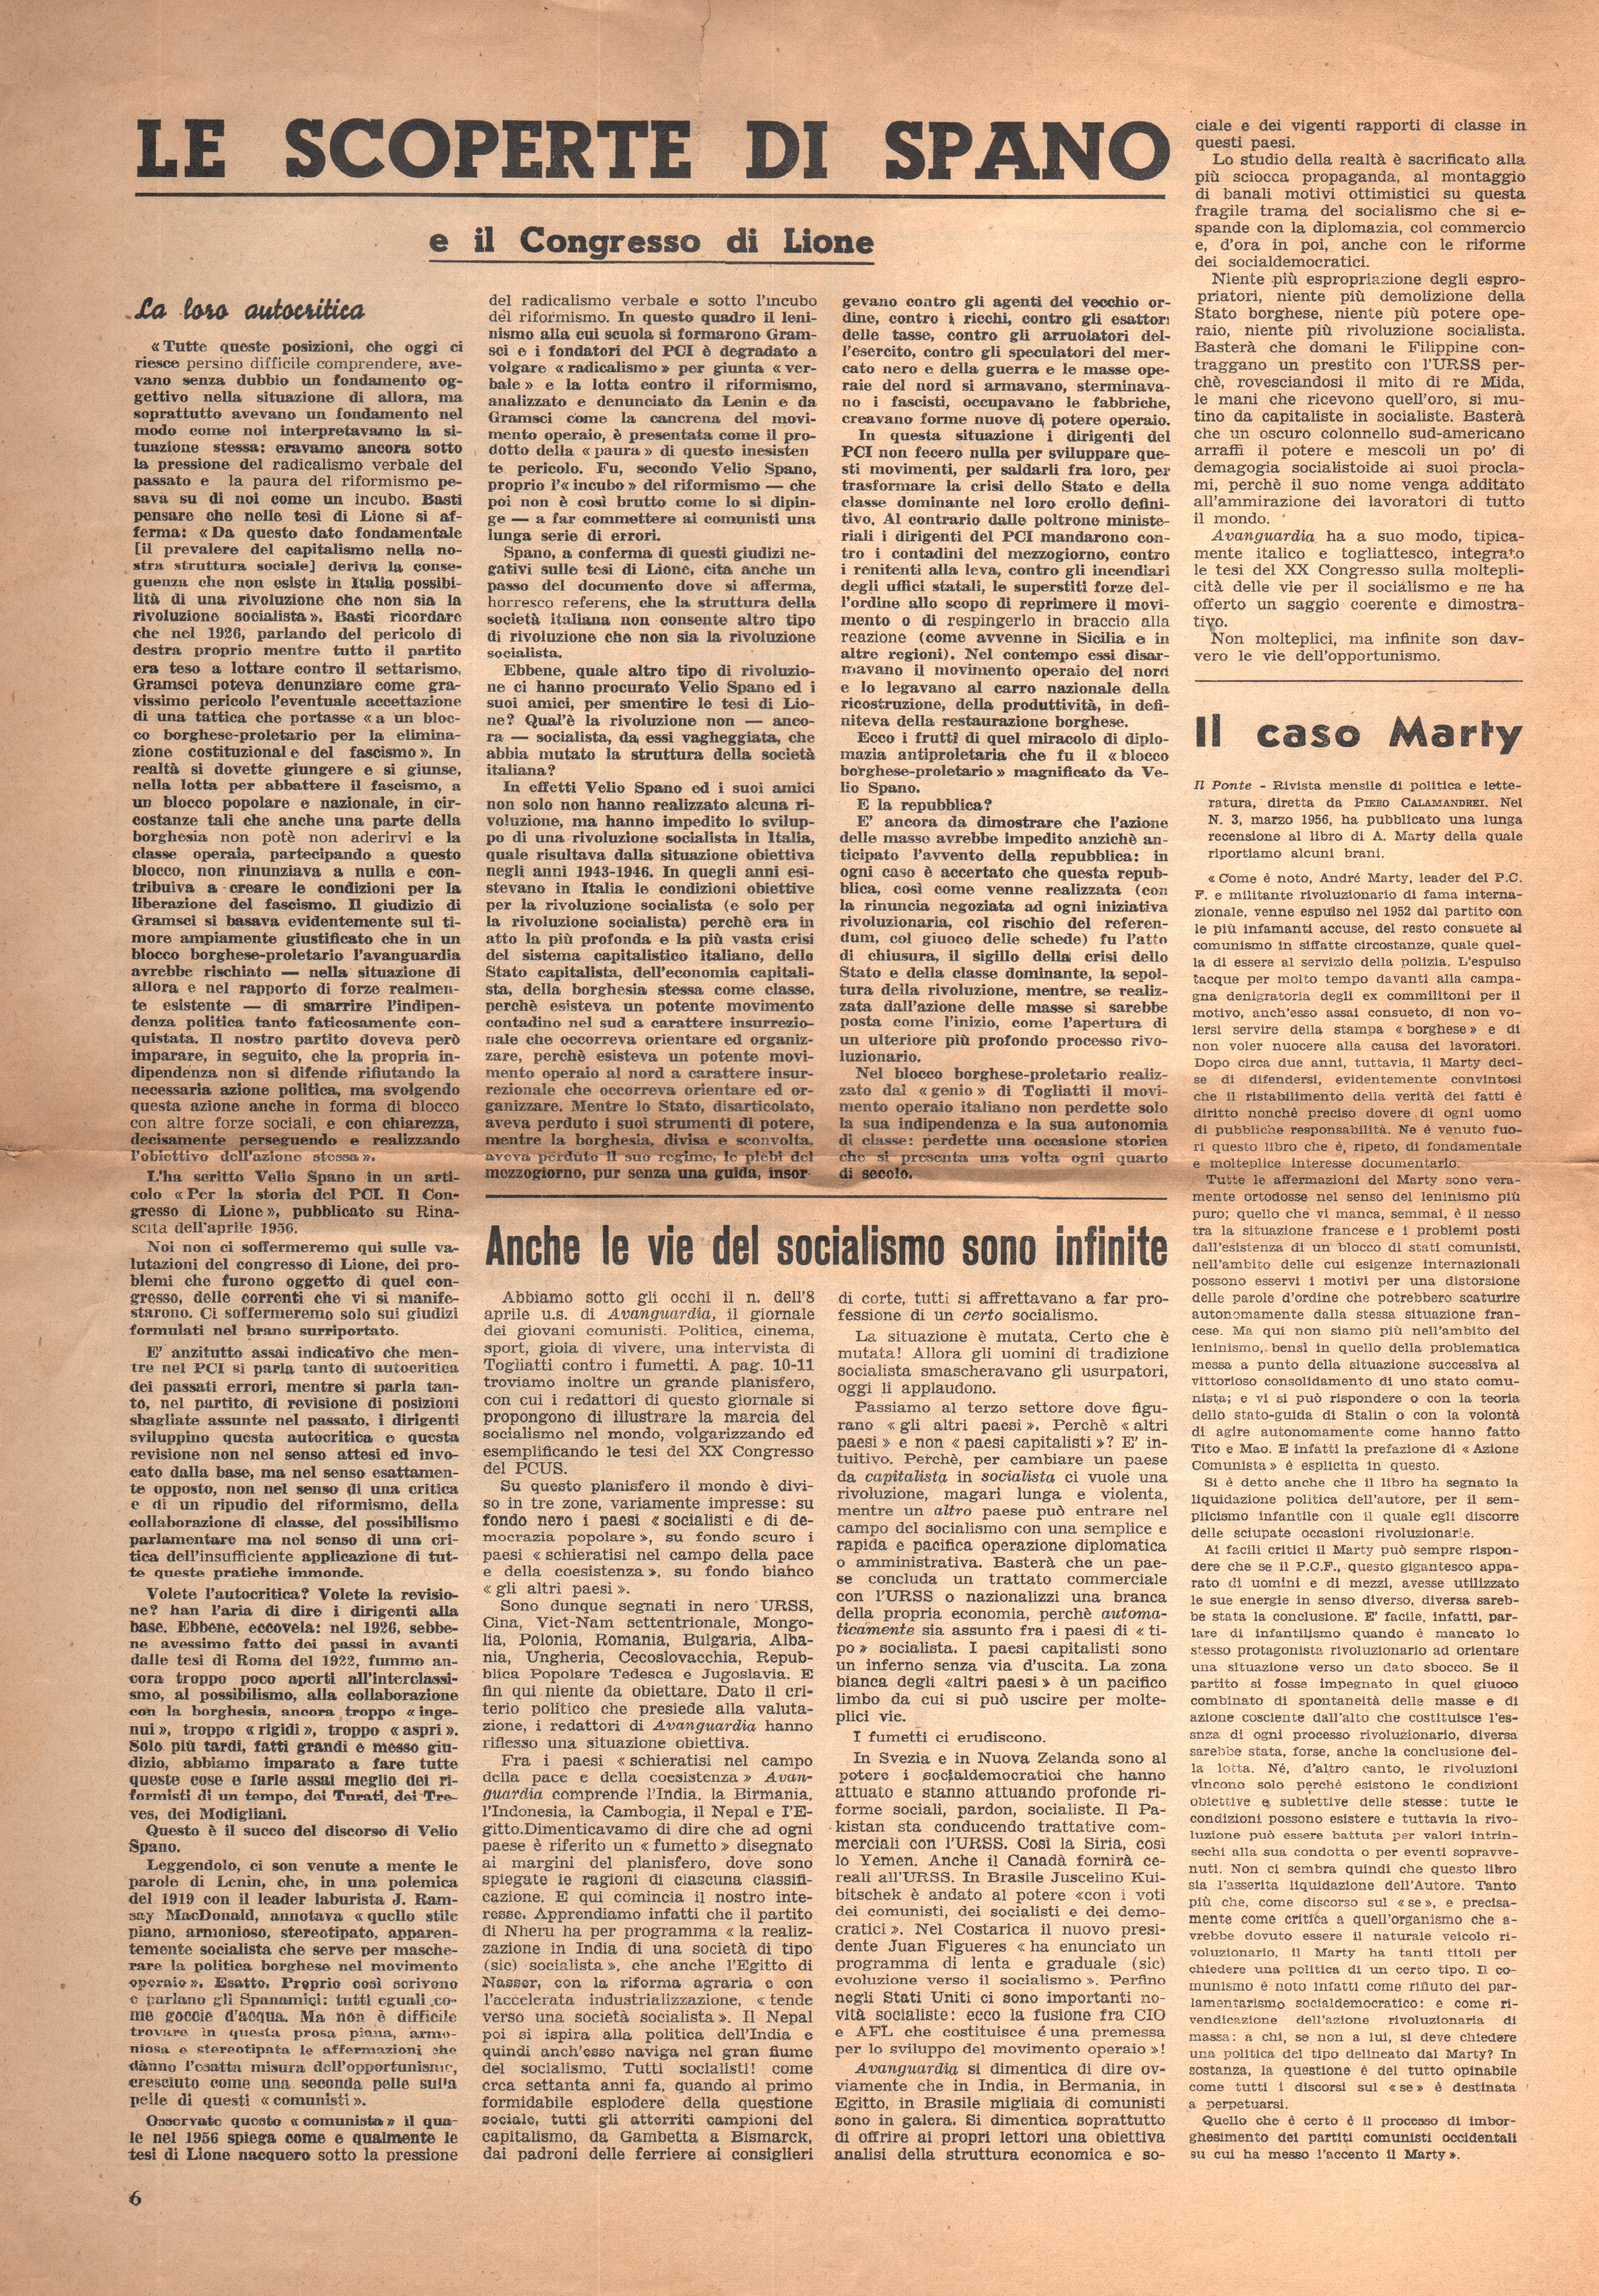 Azione Comunista n. 1 - pag. 6